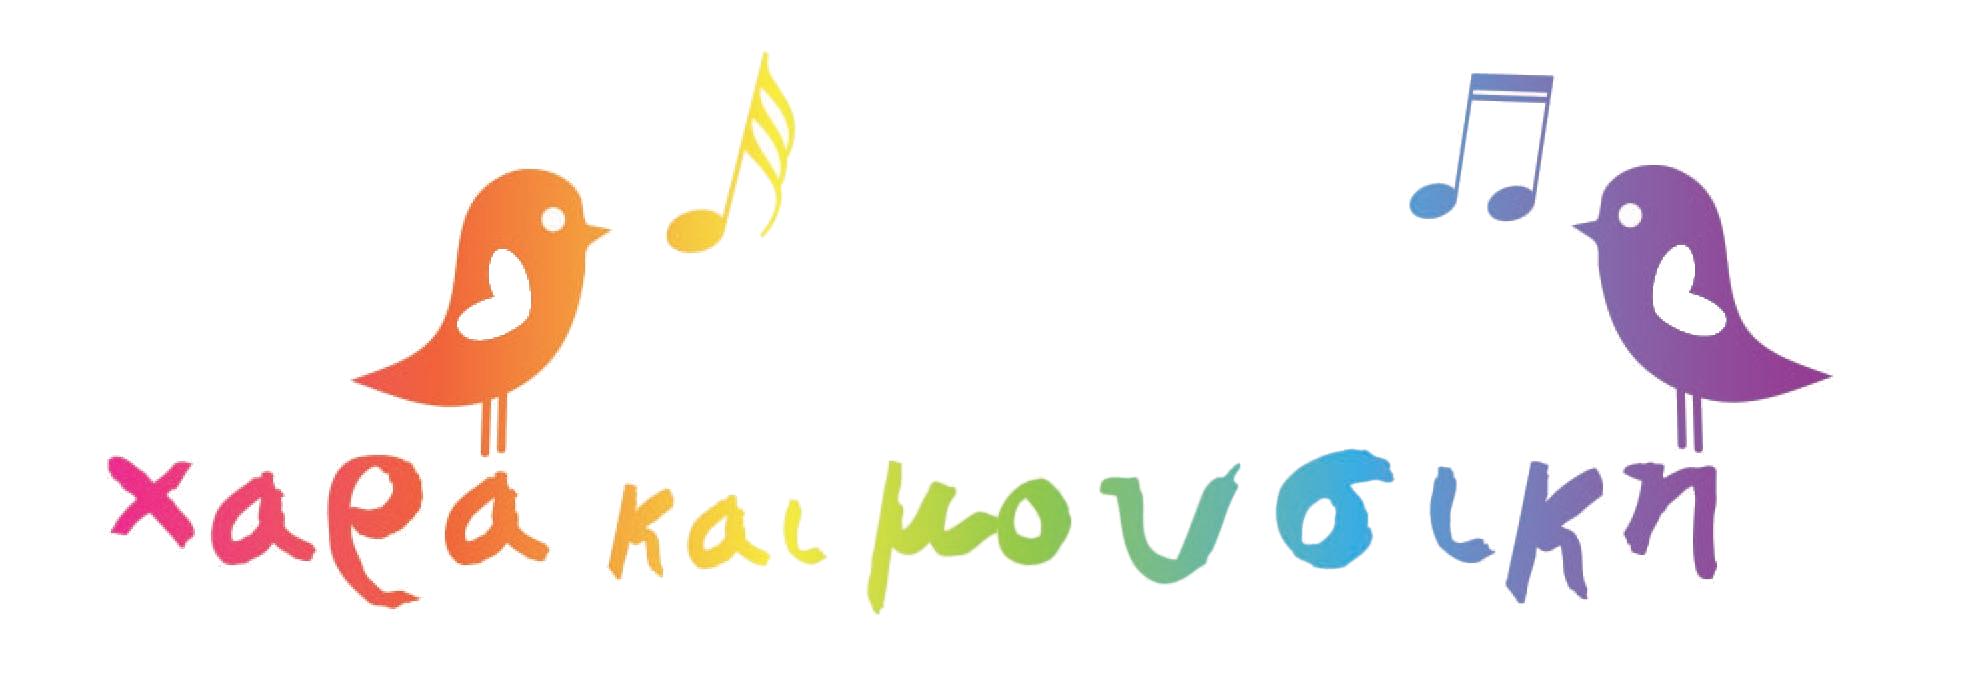 xarakaimousiki logo